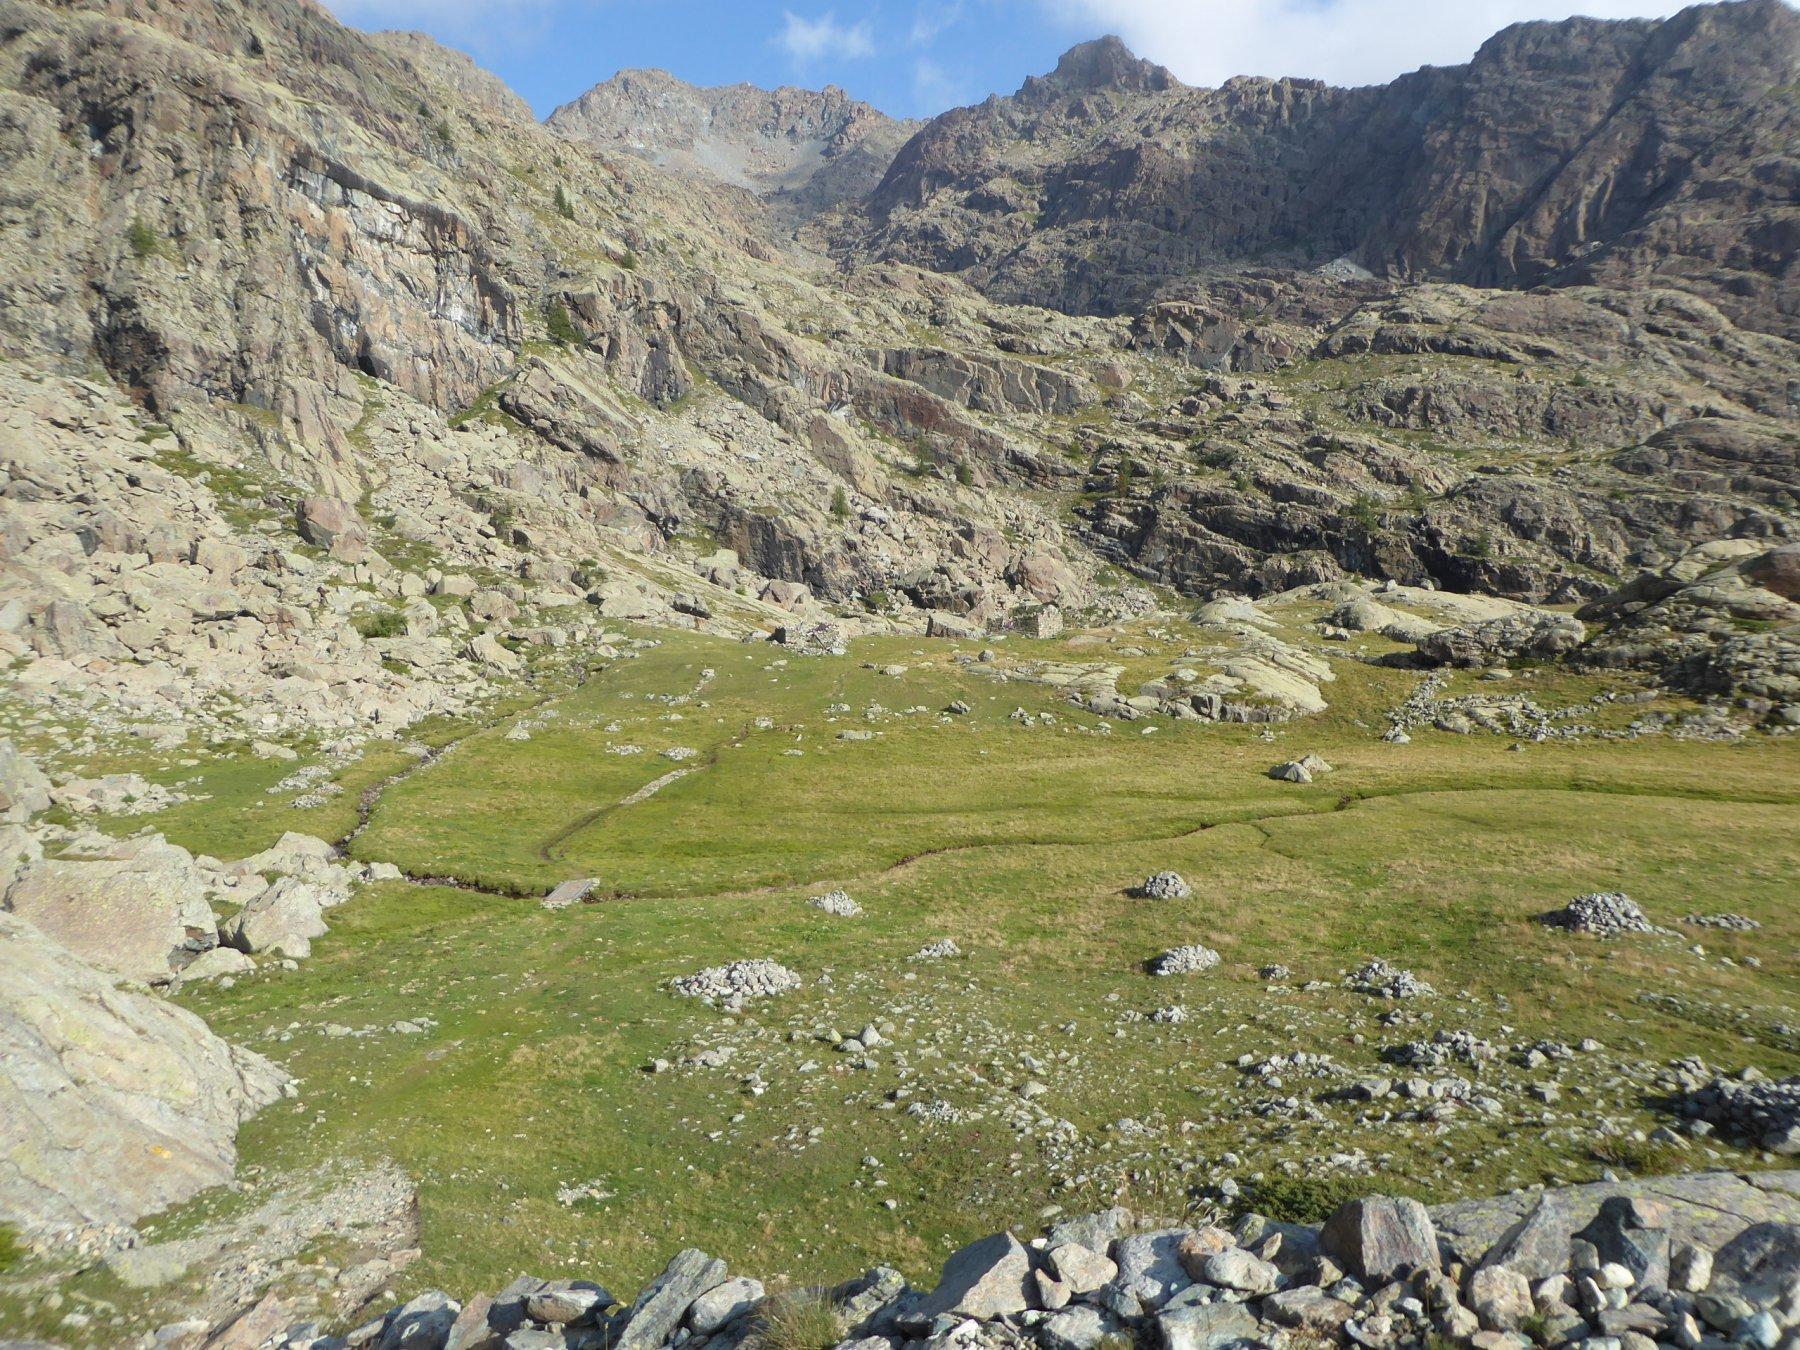 il bel pianoro dove sorgono i ruderi dell'alpe Pisonnet